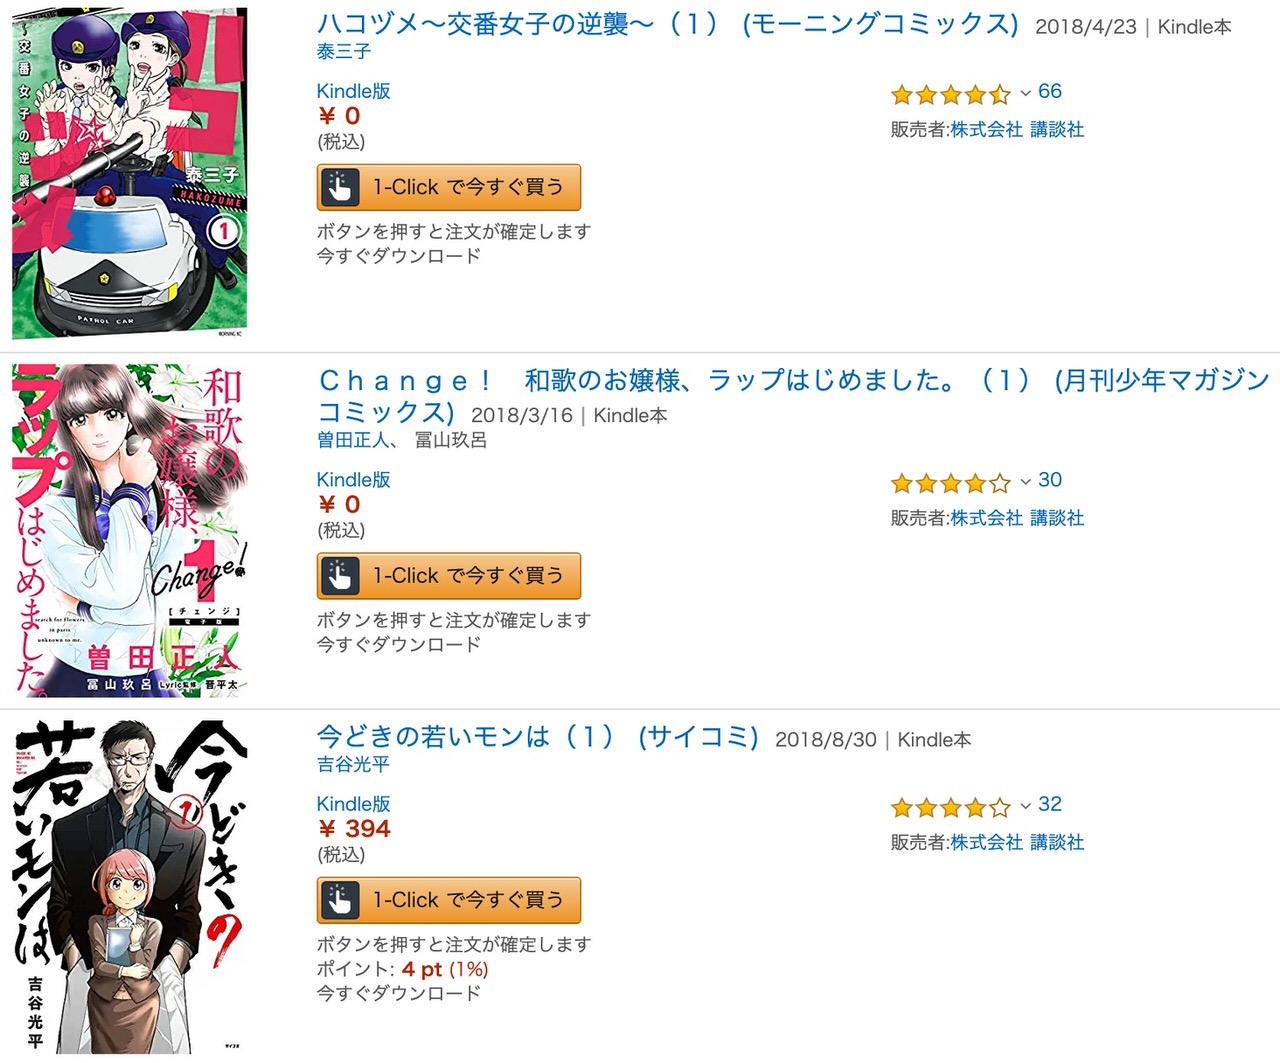 【Kindleセール】0円多数!ハコヅメ、Change!、黒影のジャンクなど「発売即重版!ブレイク必至の新作マンガ特集」(9/12まで)